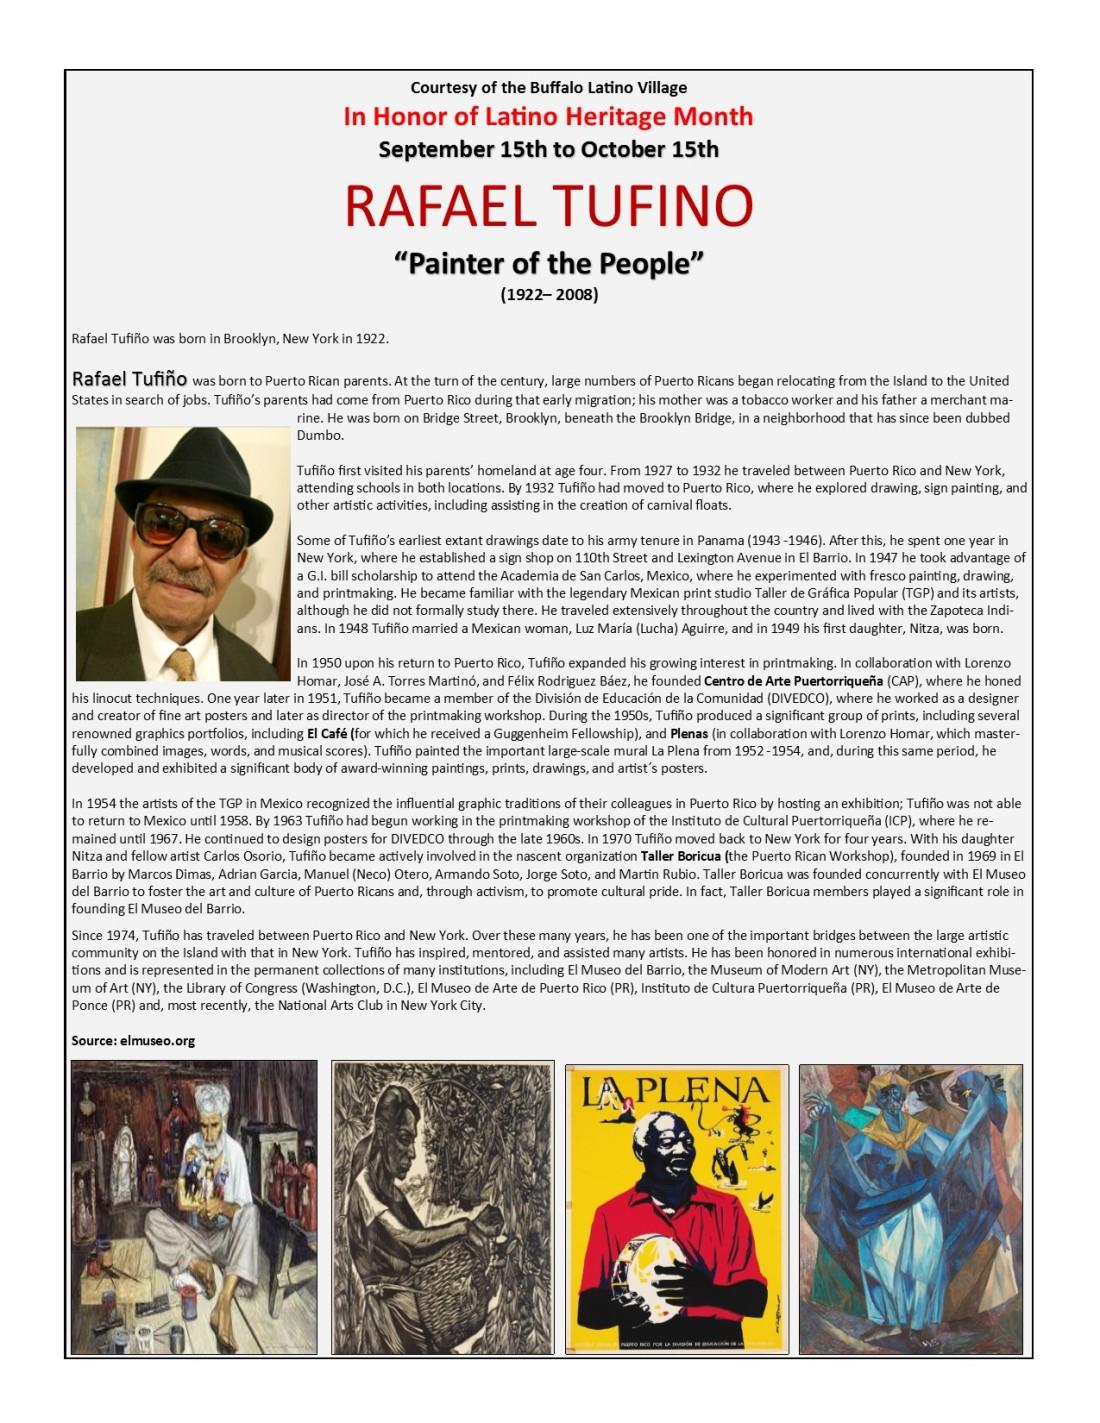 Rafael Tufino